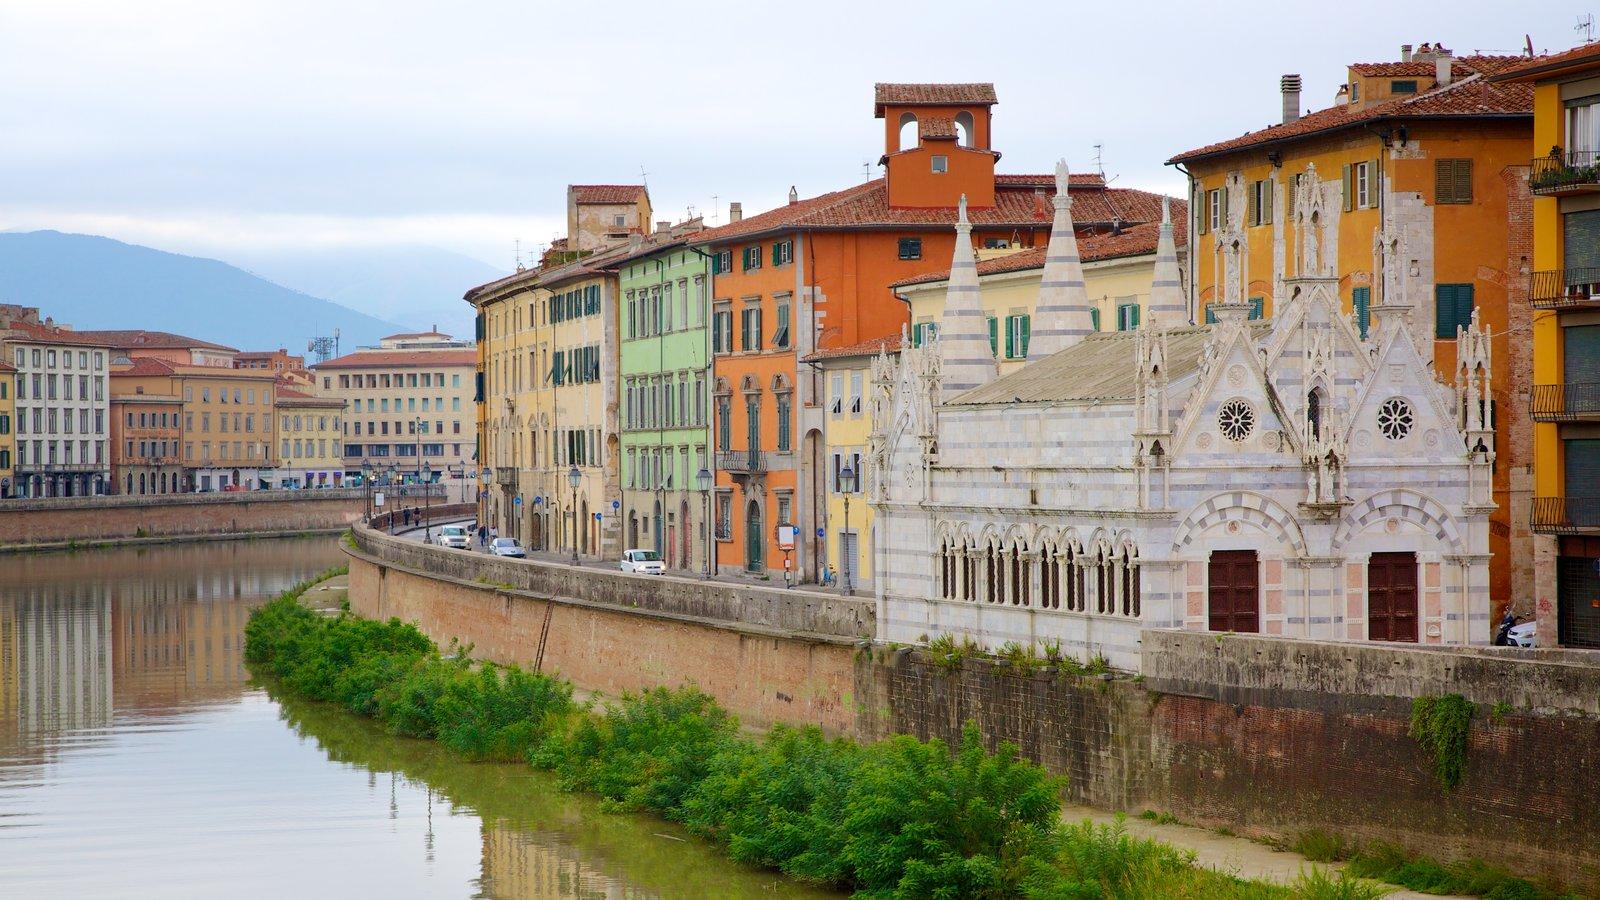 Santa Maria della Spina which includes a river or creek, a city and heritage architecture